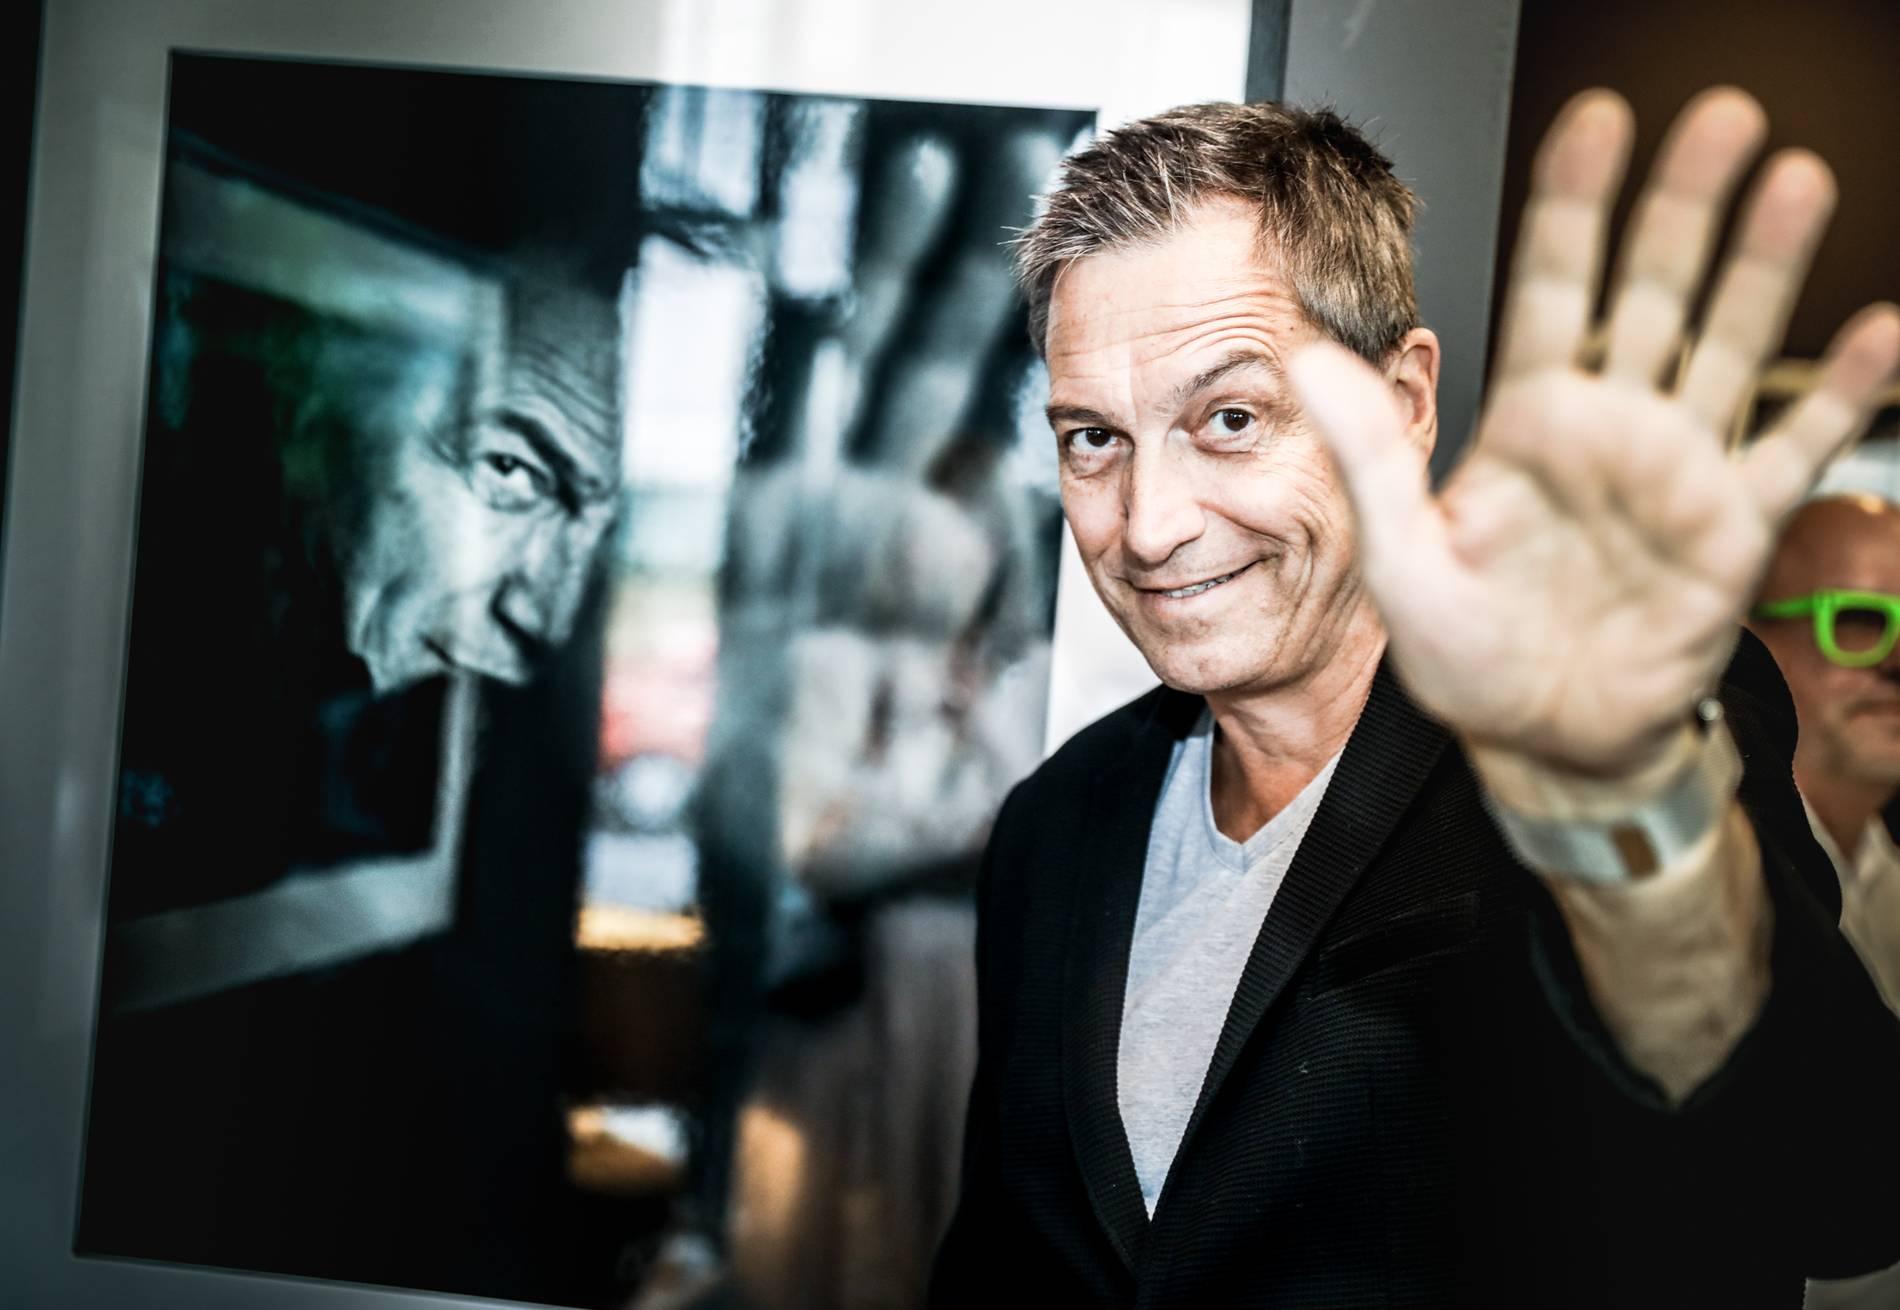 Kabarettist Dieter Nuhr Stellt Fotos In Oberhausen Aus